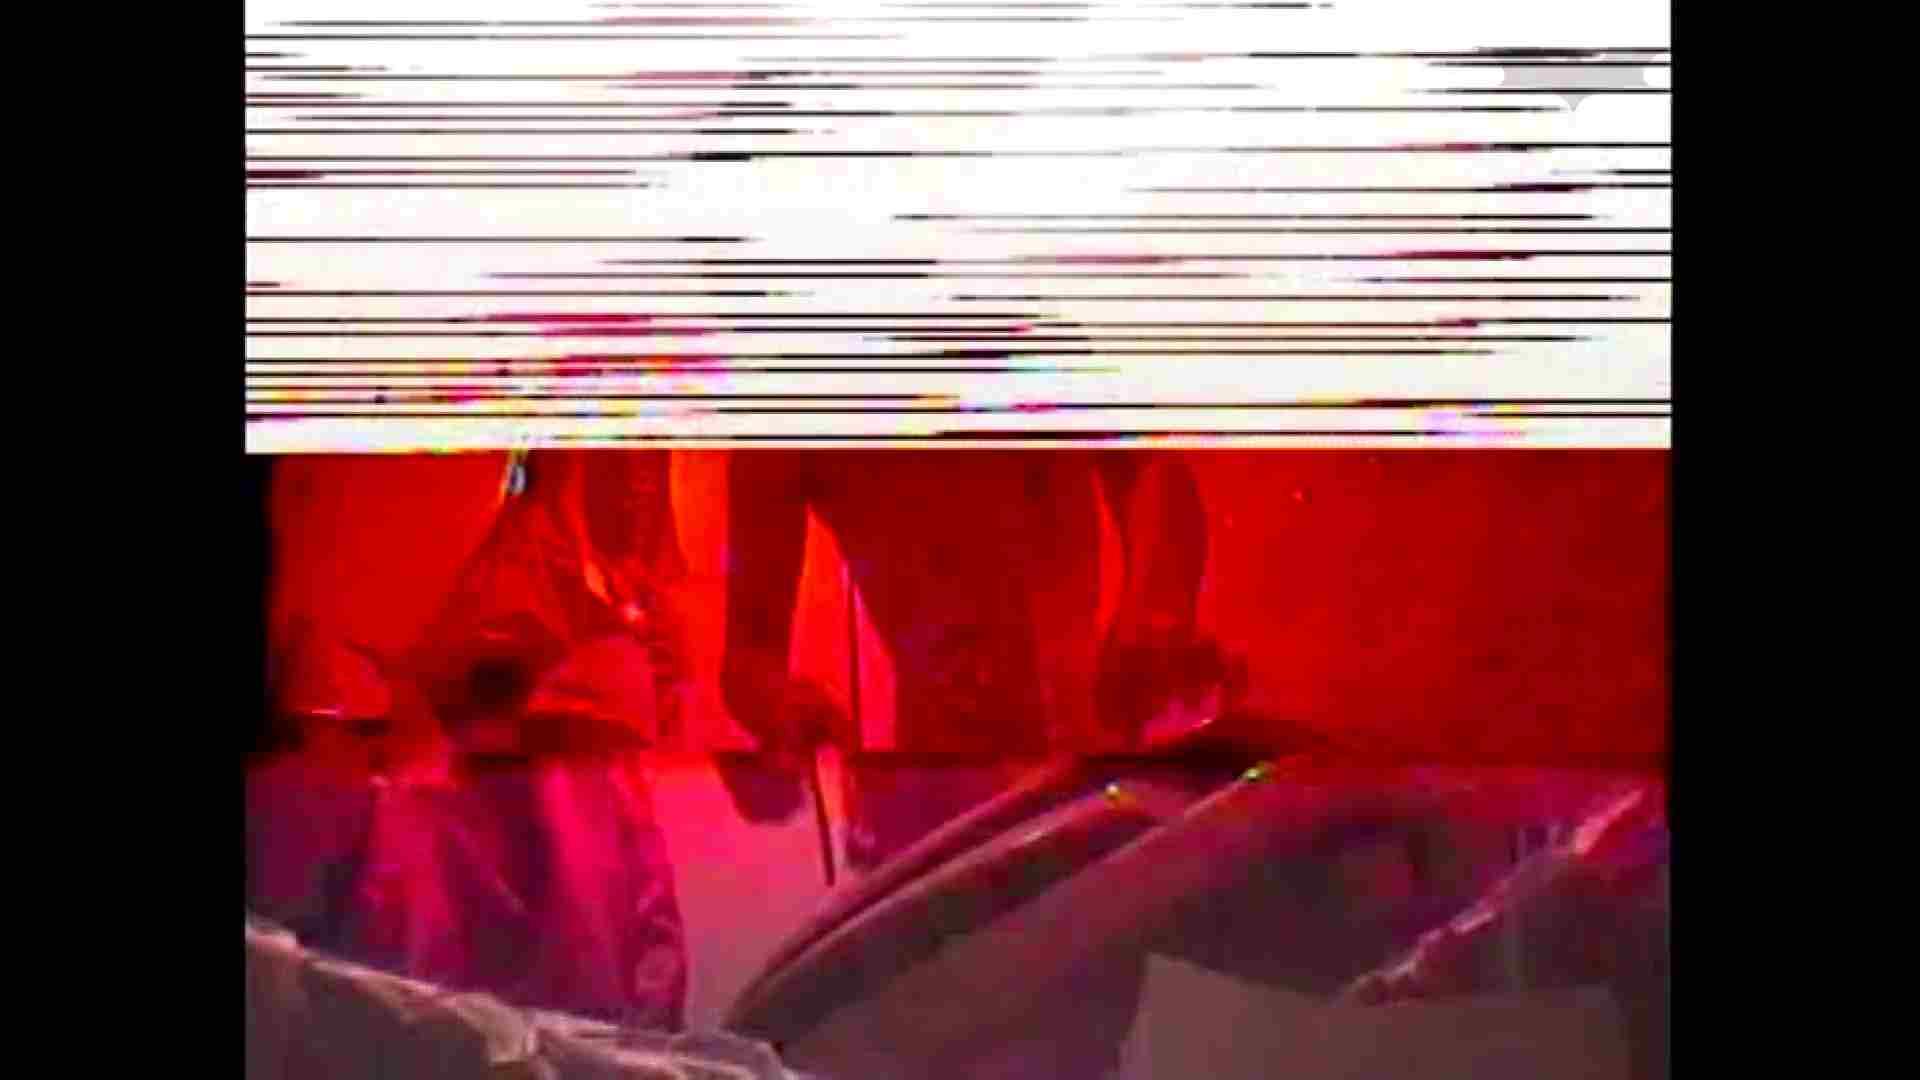 レース場での秘め事 Vol.11 エッチなレースクイーン オマンコ動画キャプチャ 74pic 51